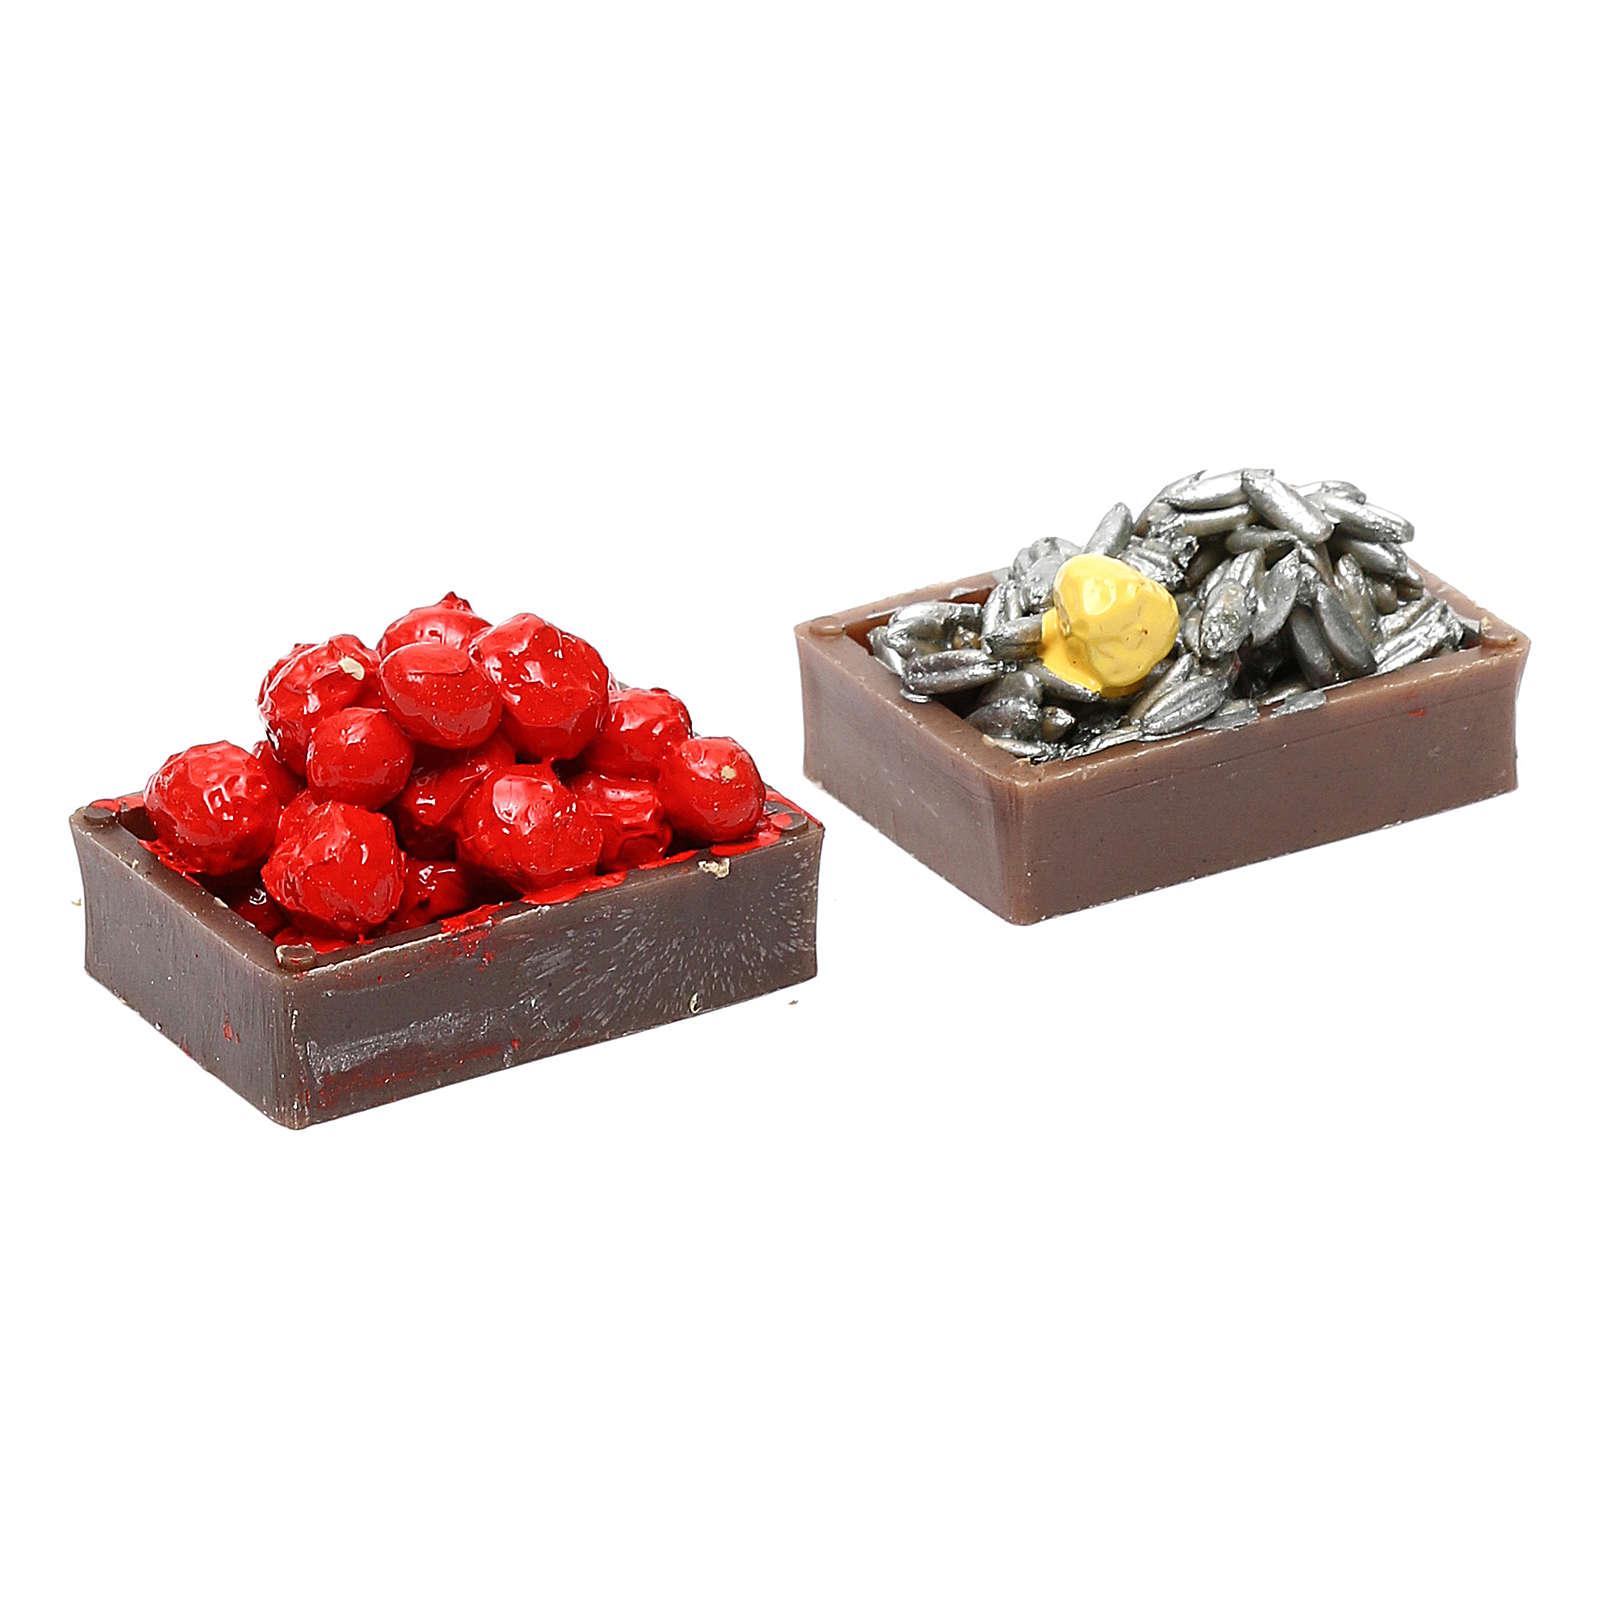 Cassette frutta ortaggi pesce per presepe fai da te 2 pz. 4